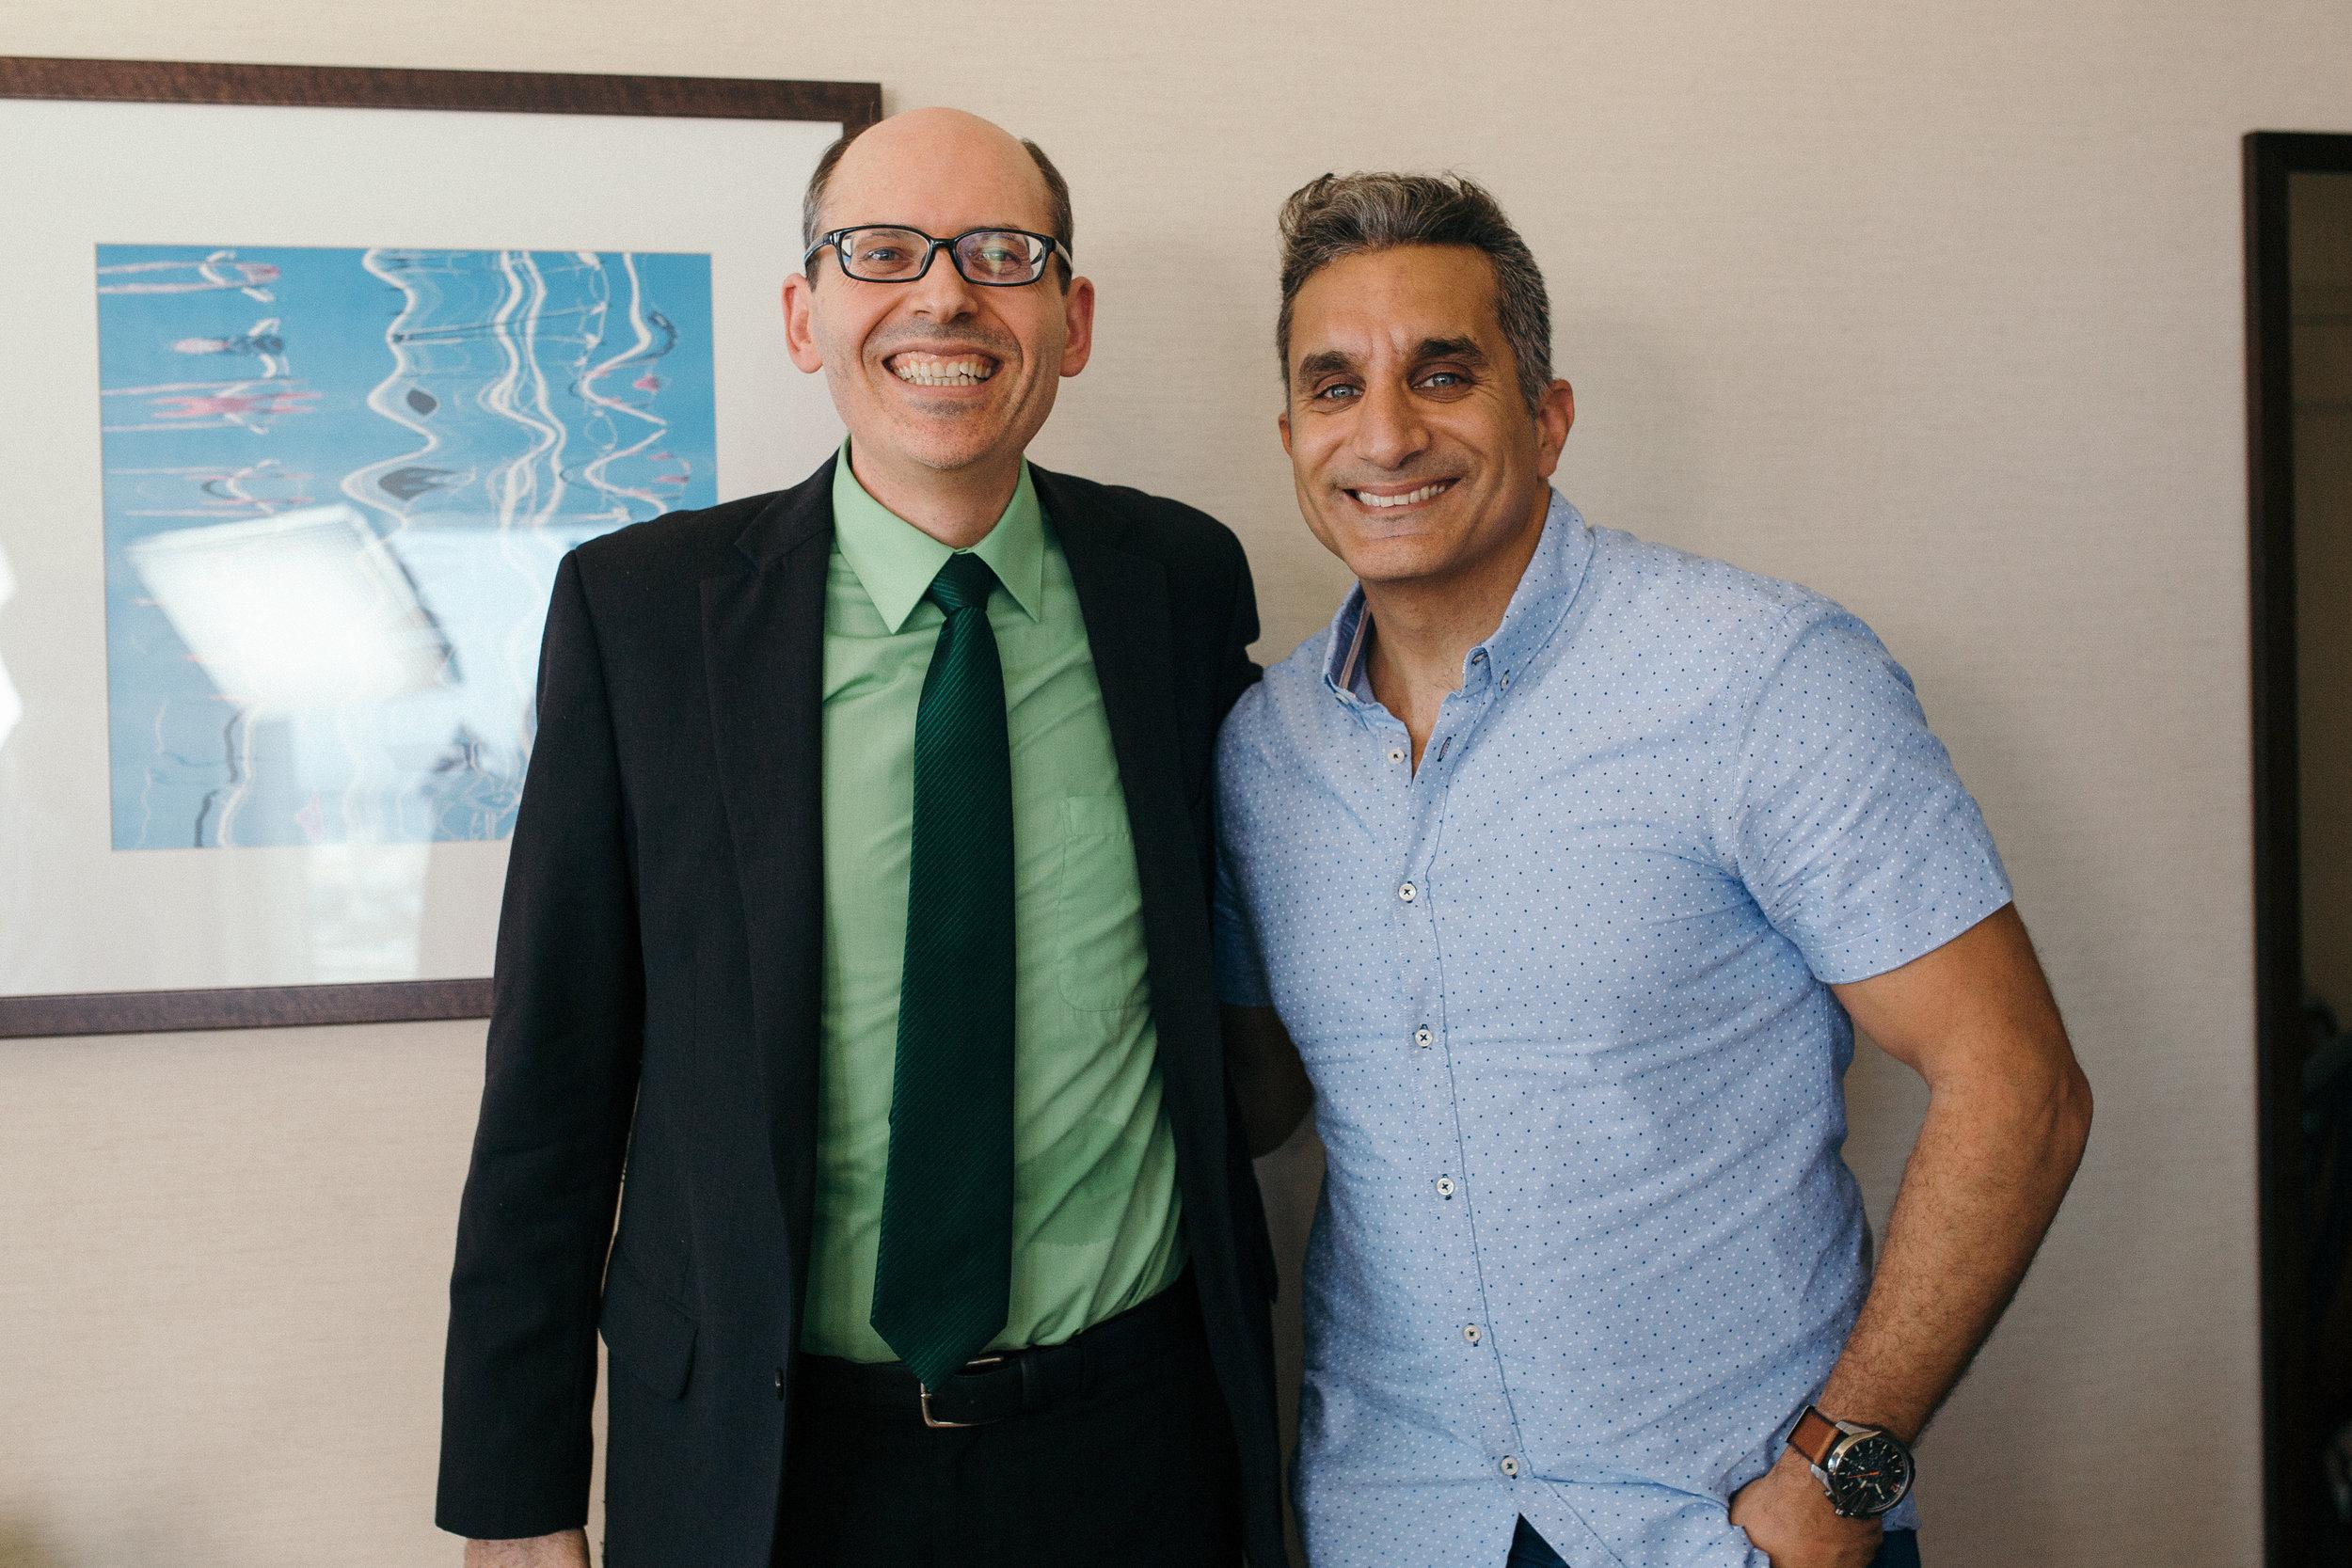 قابل ضيفنا الكاتب - مايكل جريجر، طبيب وزميل الكلية الأمريكية للطب الشرعي